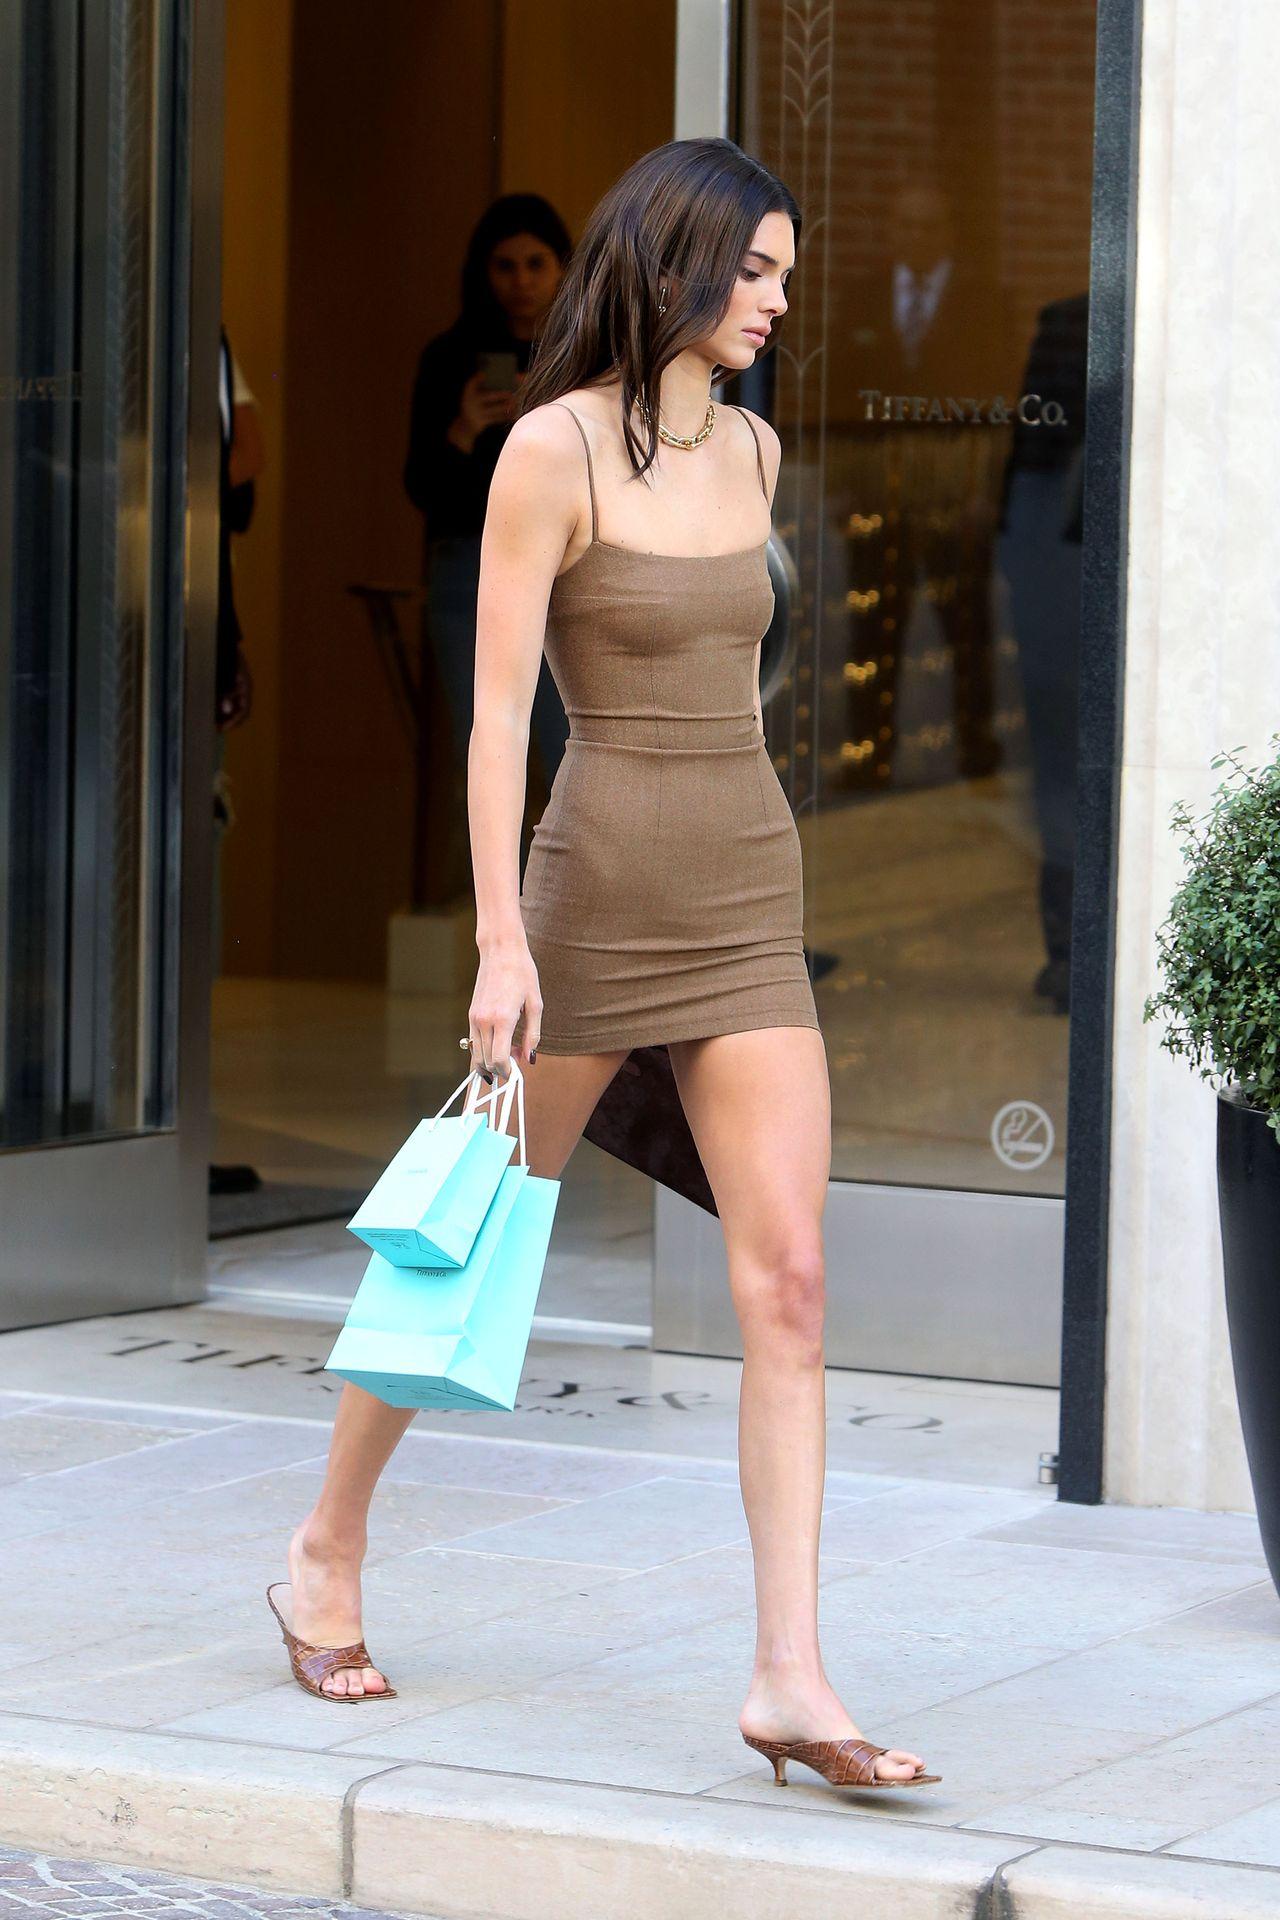 Güzel ve başarılı model Kendall Jenner seksi düzgün fiziğiyle sokaklarda mini elbisesiyle nefes kesti. Erotik transparan giyimiyle cesur pozları başına dert oldu. Çırılçıplak at üstünde poz verdi. HD fotolar için tıklayın.